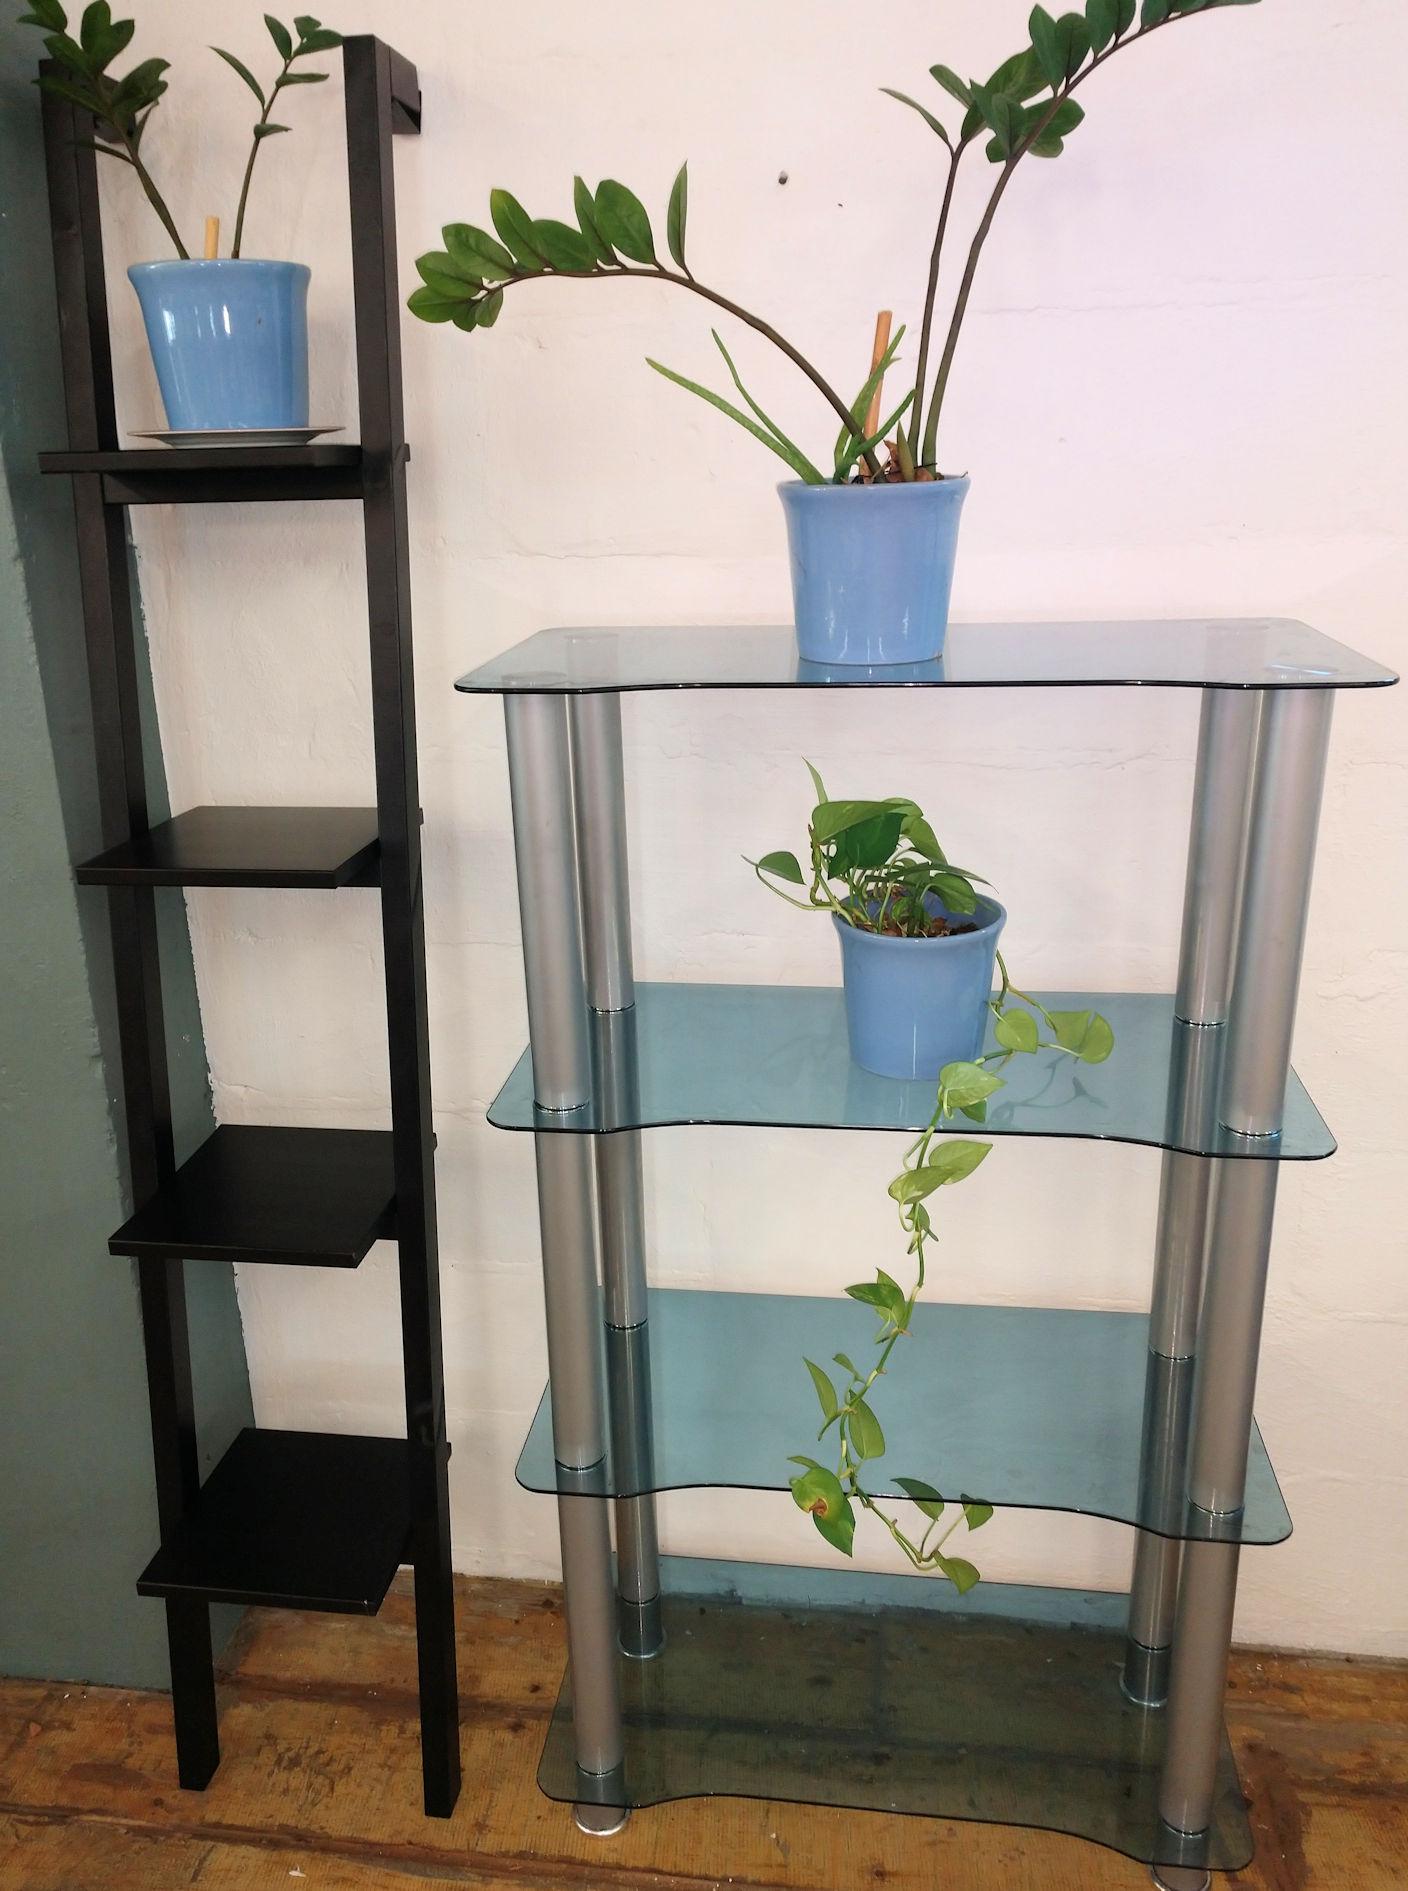 OF0018-Shelves